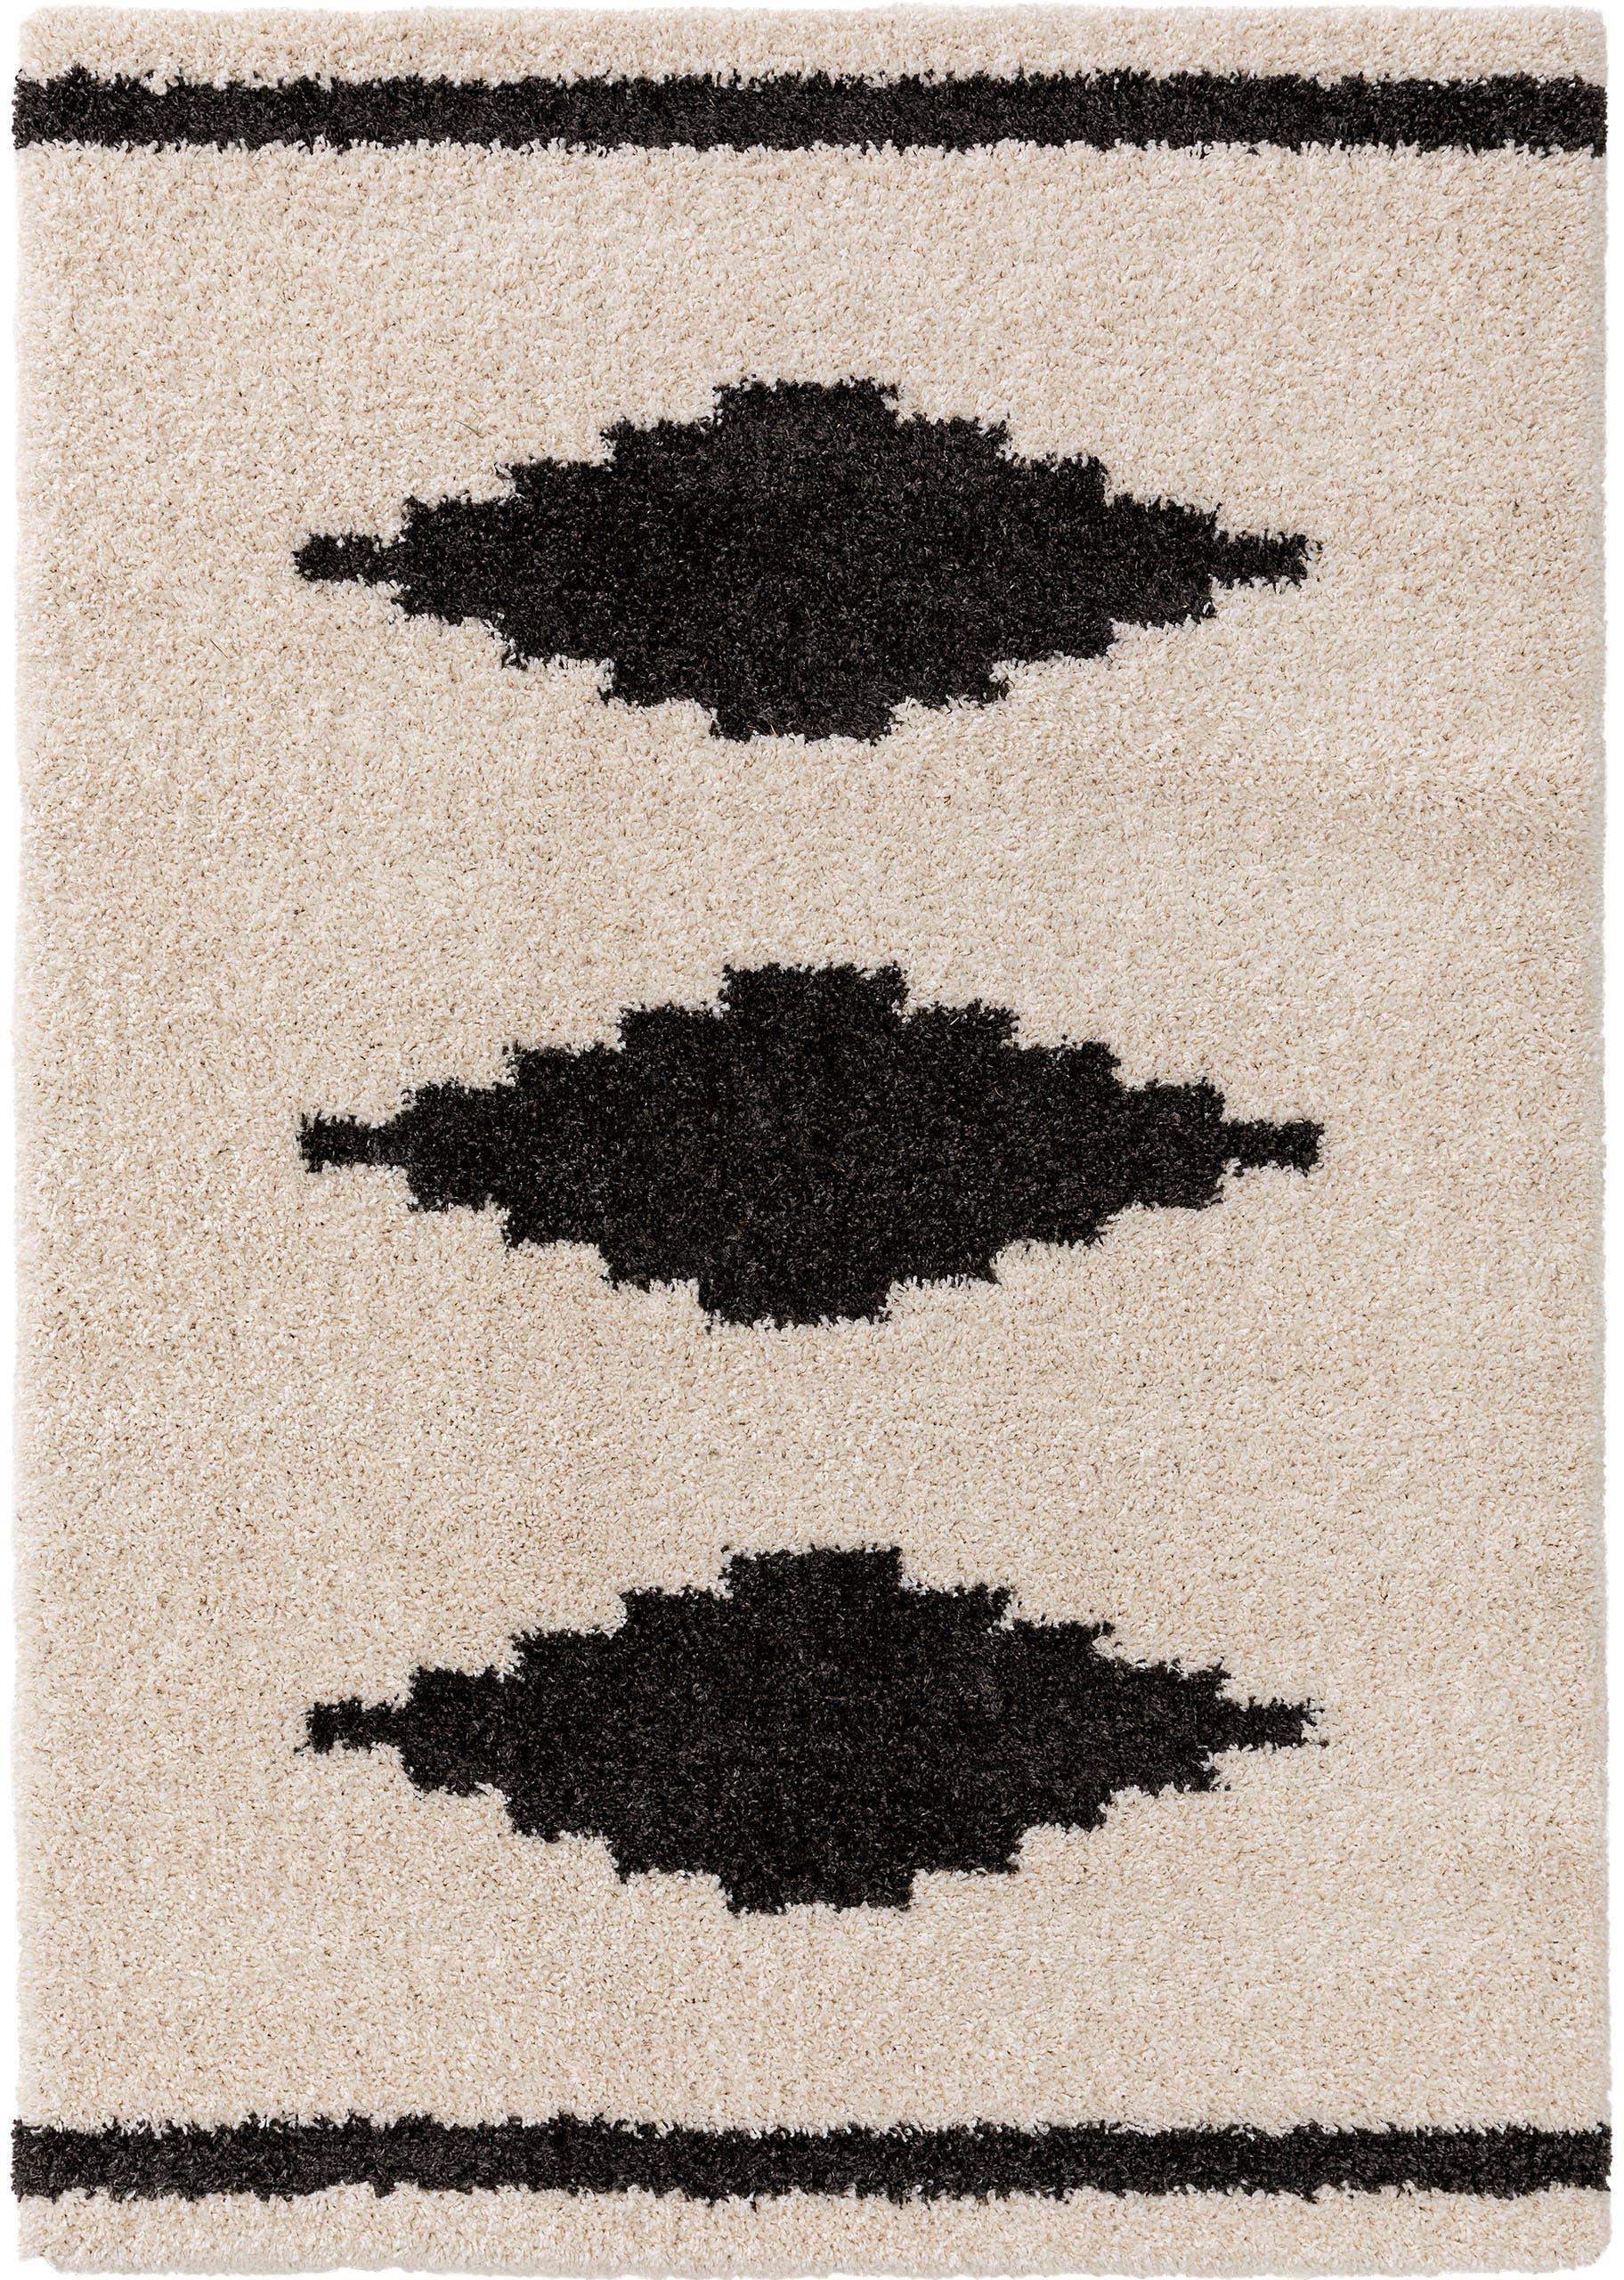 Hochflor-Teppich Selma mit grafischem Muster, 100% Polypropylen, Hellbeige, Schwarz, B 120 x L 170 cm (Größe S)